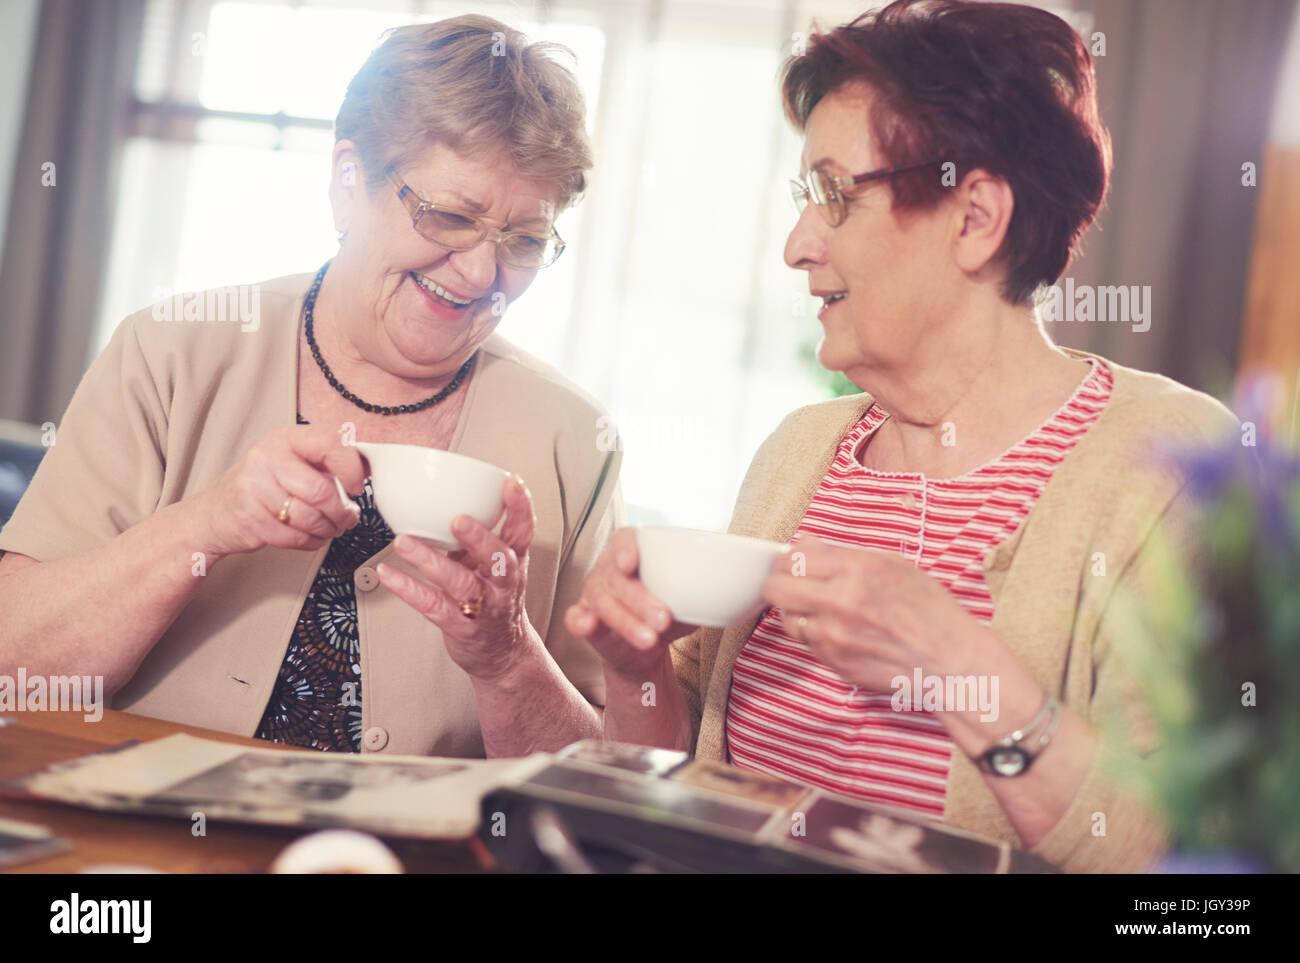 Deux femmes âgées de rire en regardant l'album photo sur tableau Photo Stock